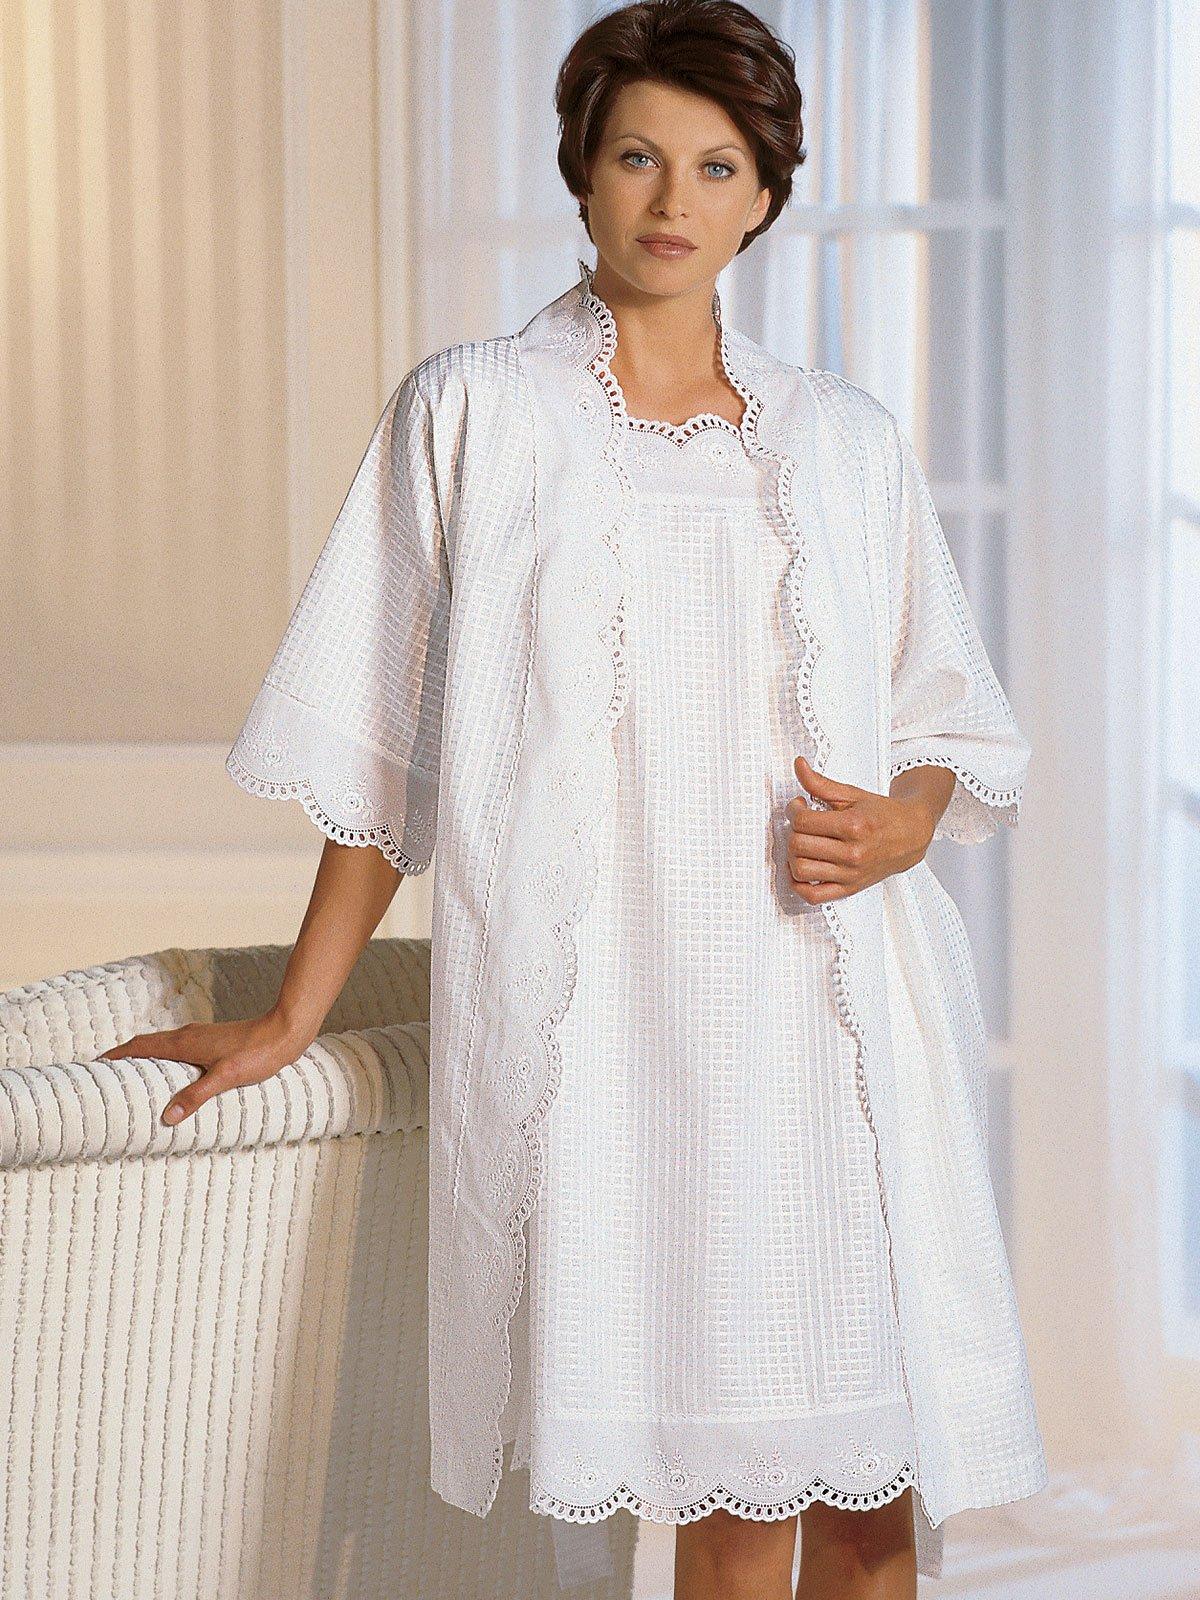 Cancellino Luxury Nightwear Schweitzer Linen